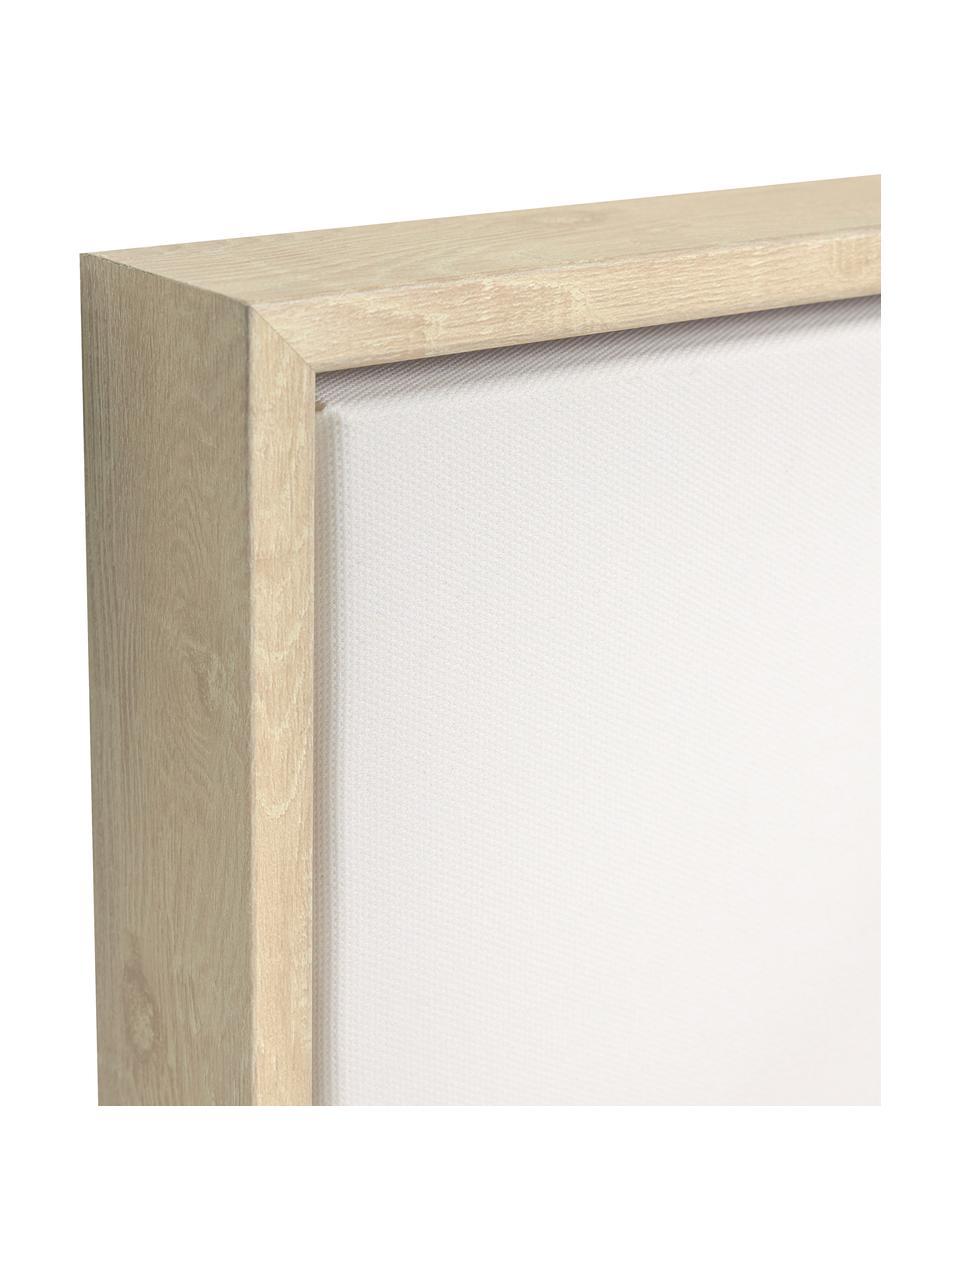 Gerahmter Digitaldruck Izem Flower, Rahmen: Mitteldichte Holzfaserpla, Bild: Leinwand, Weiß, Beige, Rosa, 50 x 70 cm